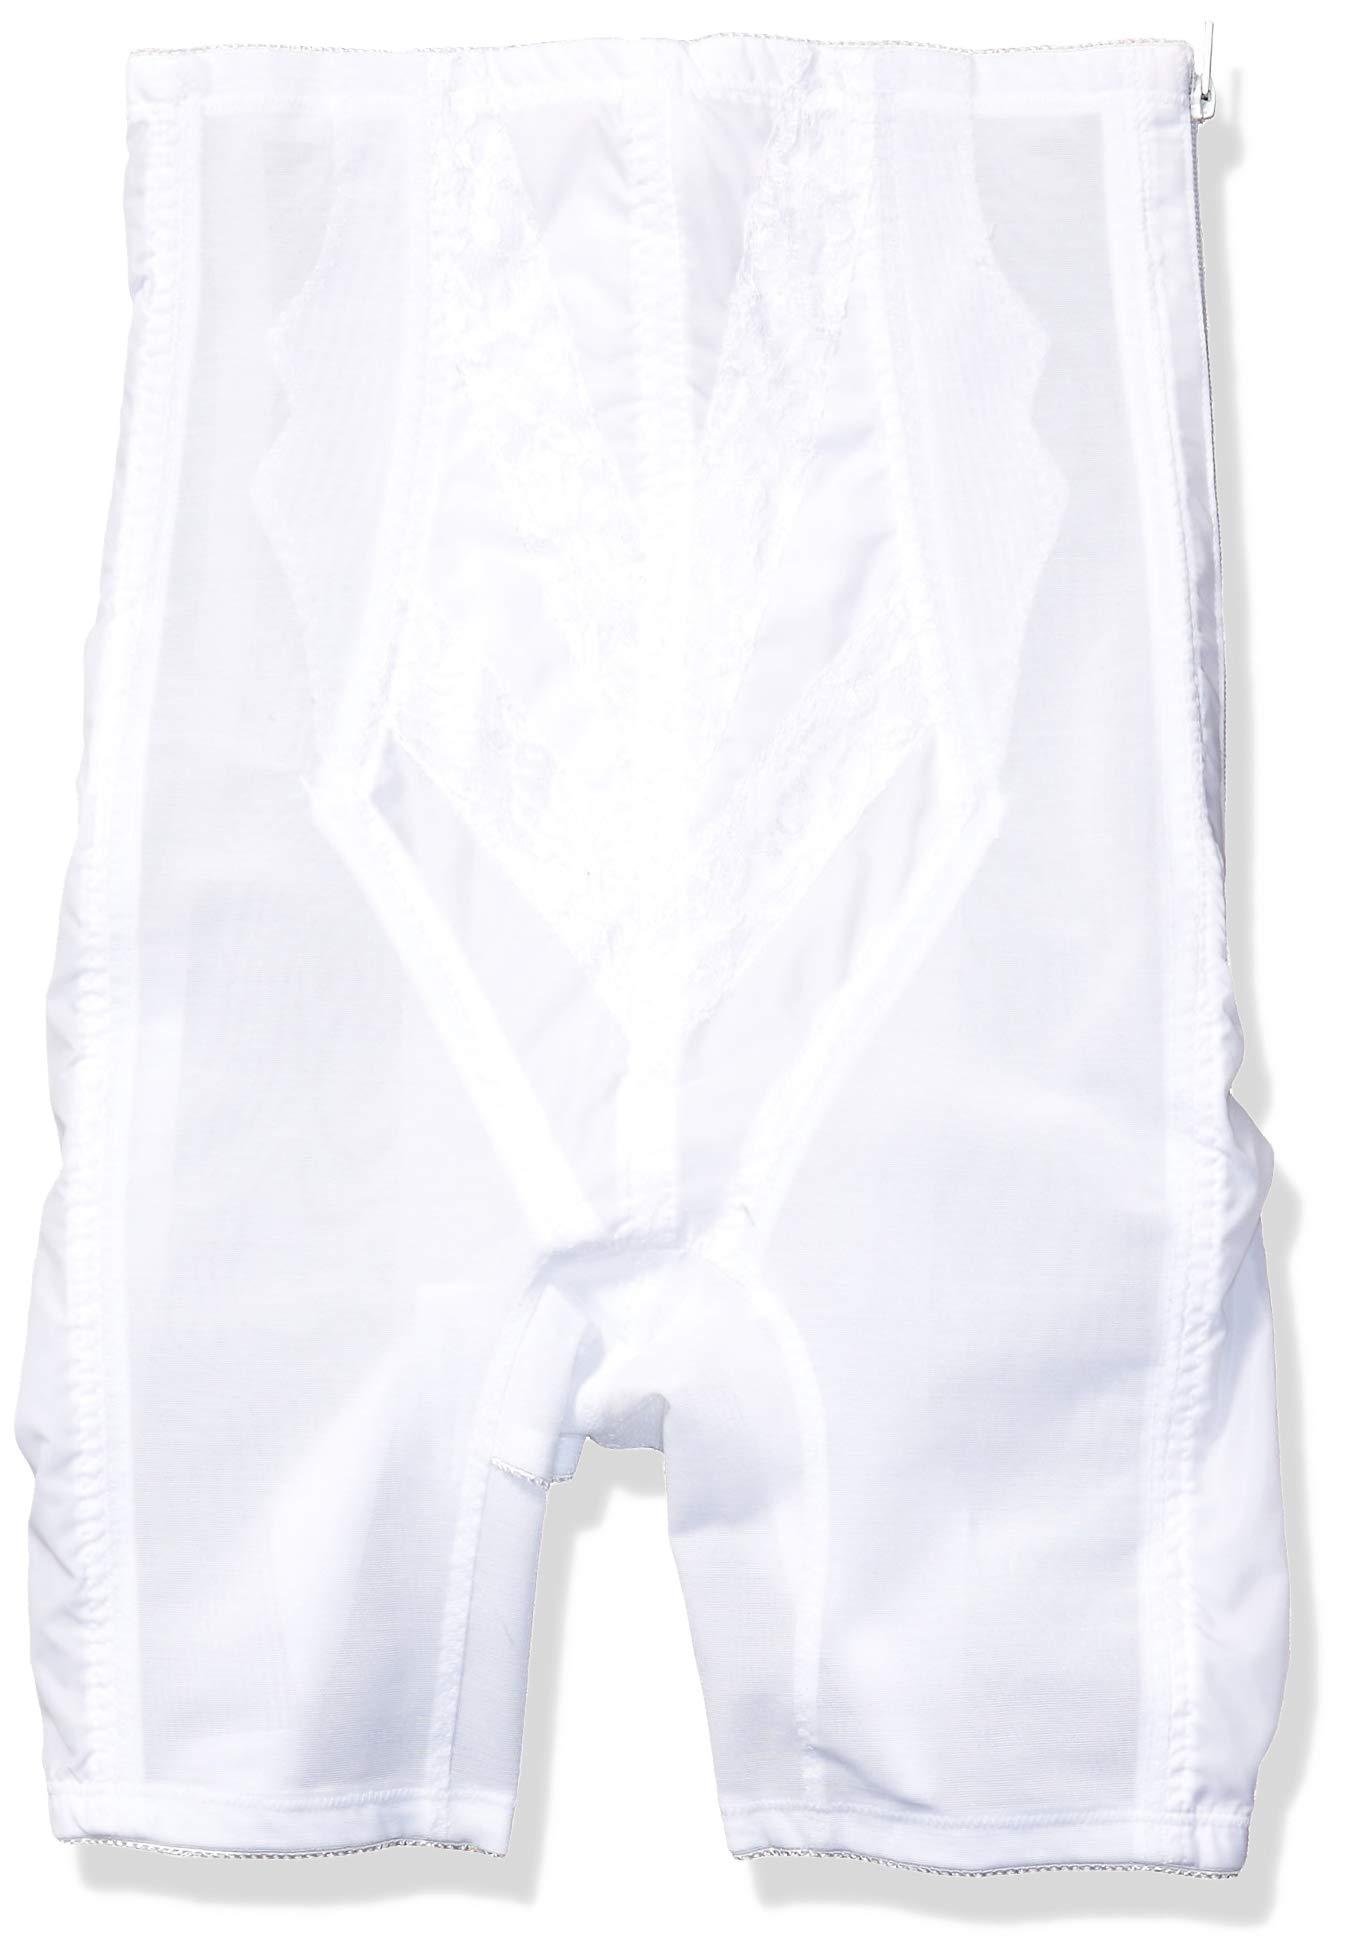 Rago Women's Extra Firm Zippered High Waist Long Leg Shaper